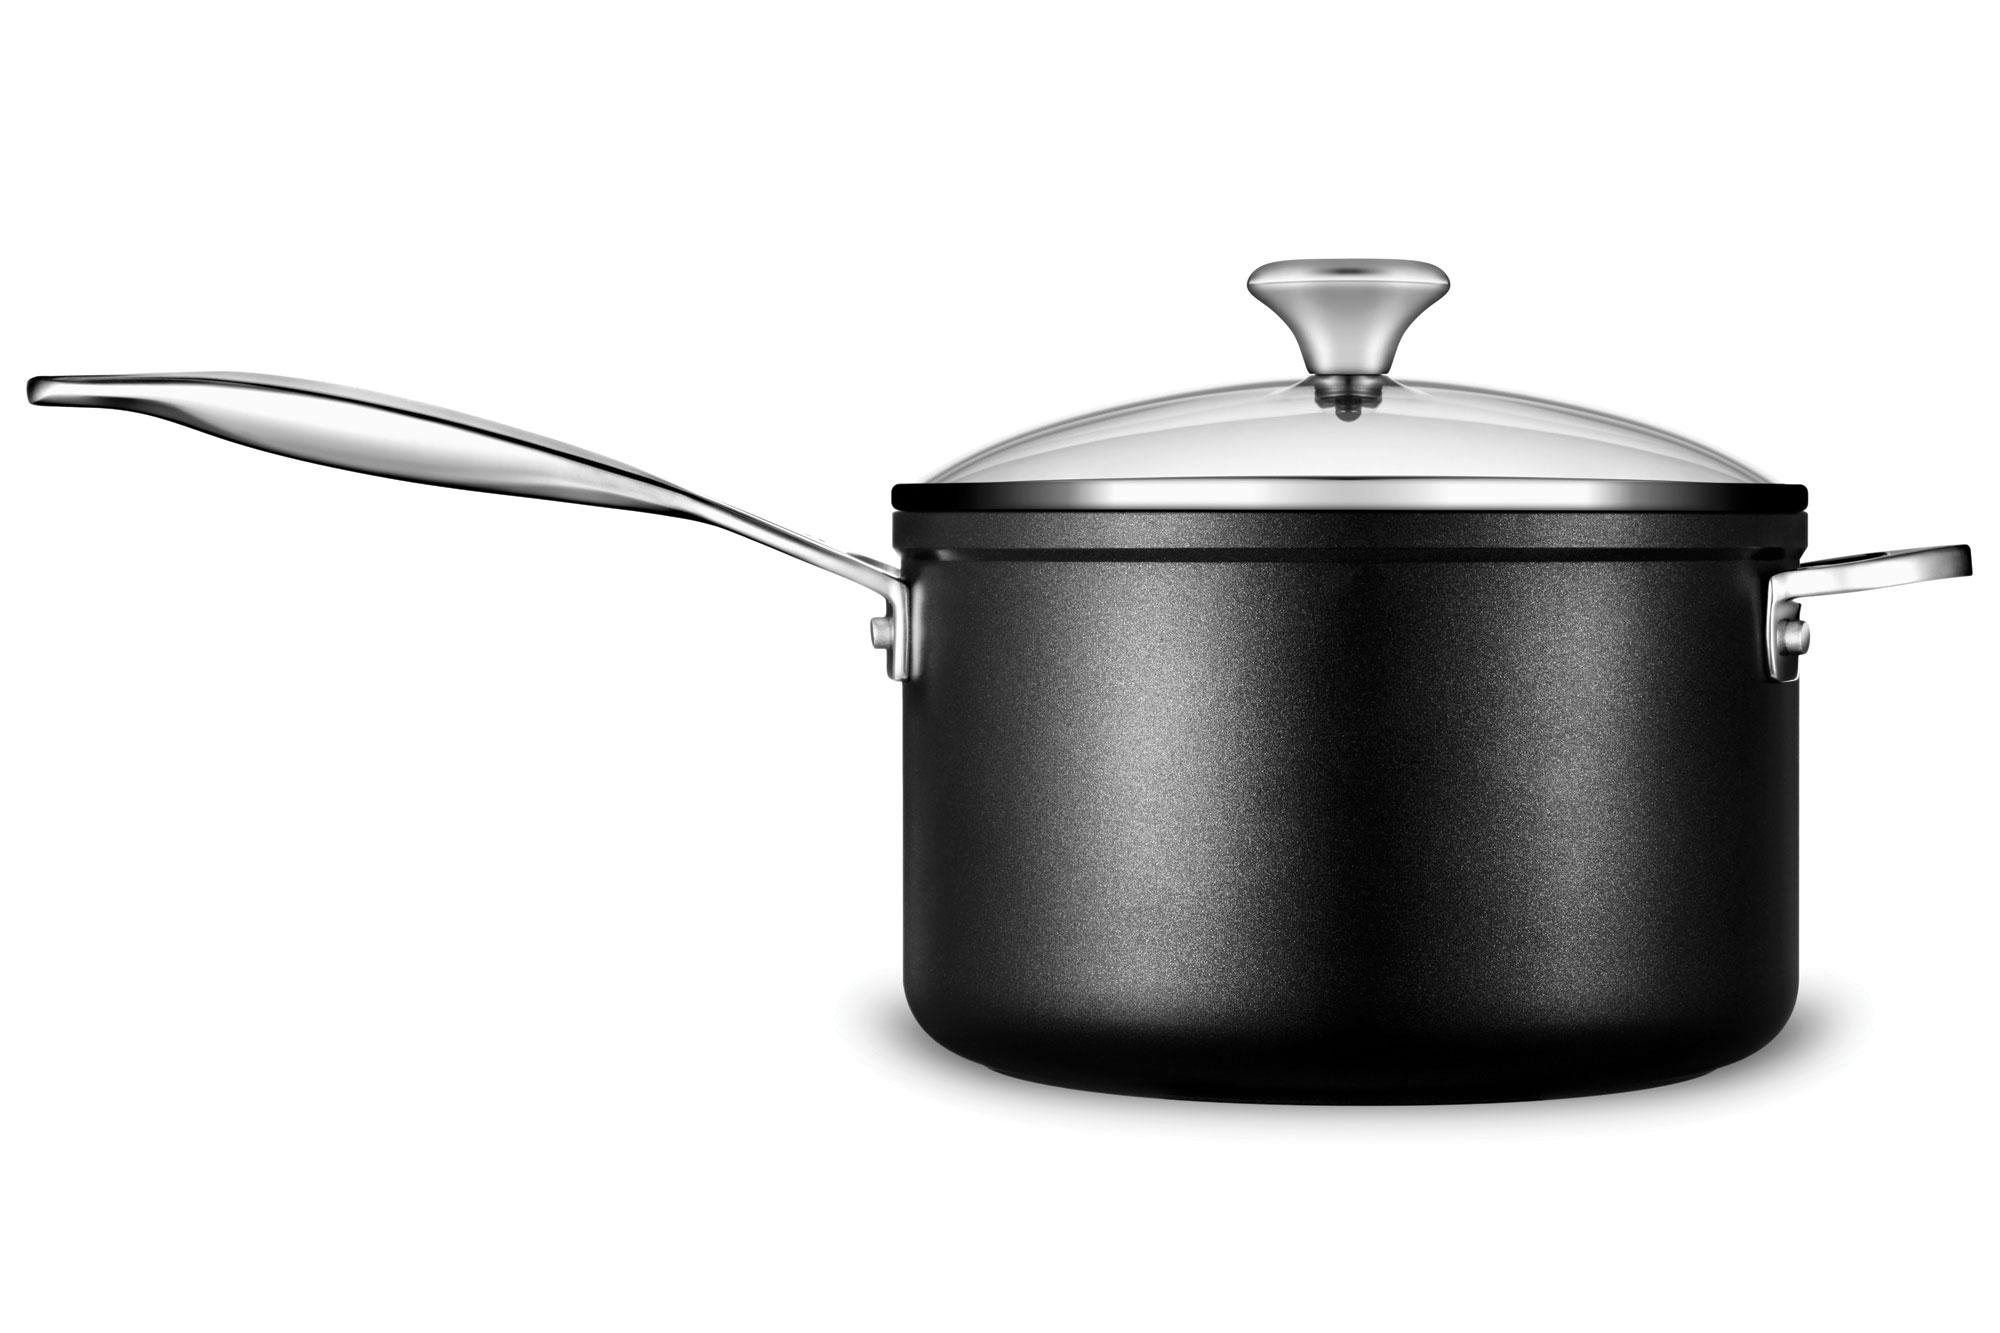 Le creuset toughened nonstick stock pot 6 3 quart cutlery and more - Le Creuset Toughened Nonstick Cookware Set 12 Piece